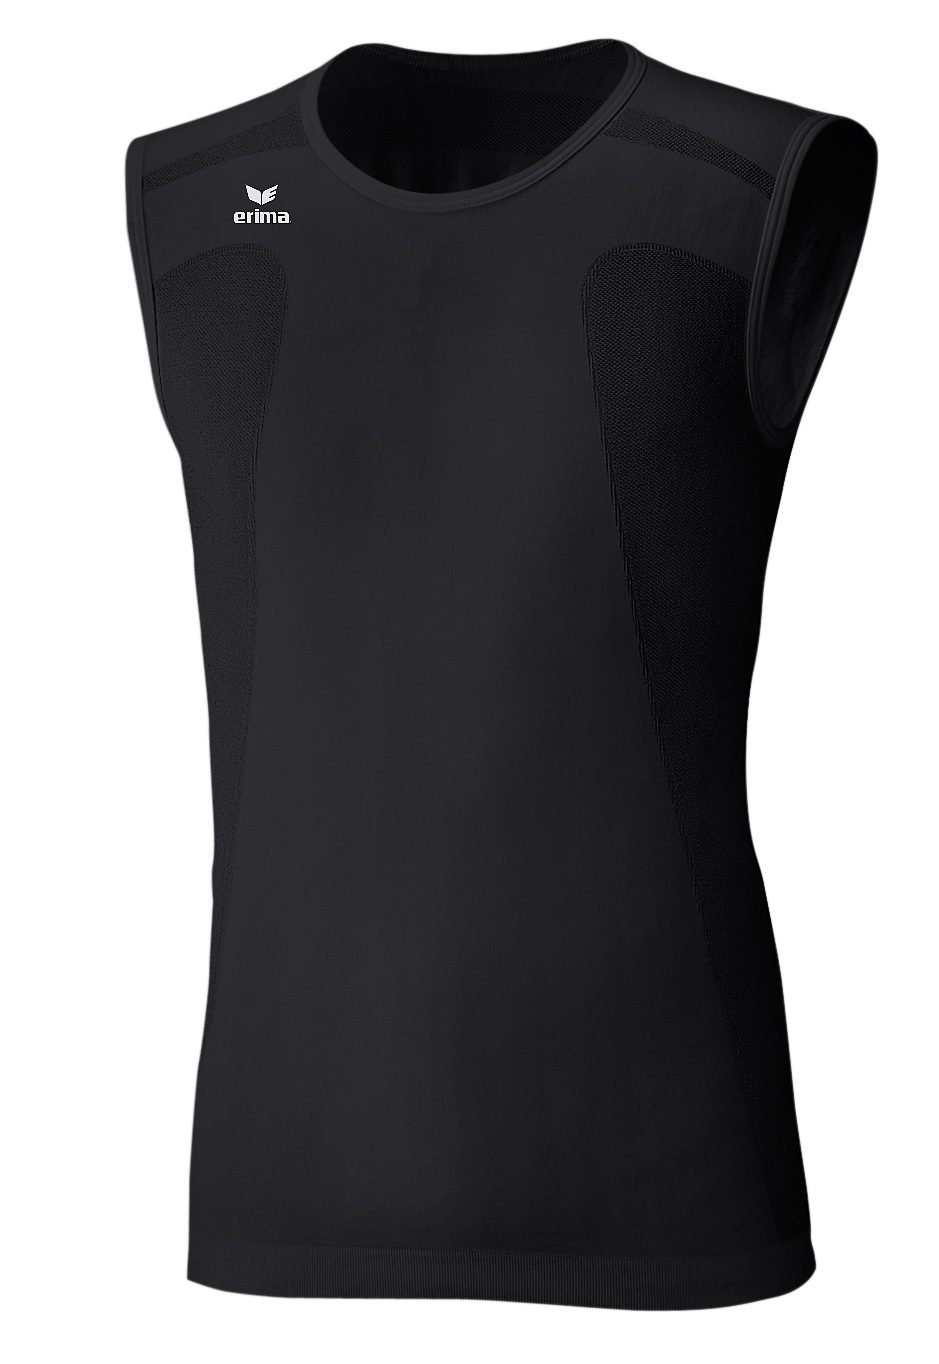 Erima Support Tank Top Underwear Kaufen Herren qSzMVGpU